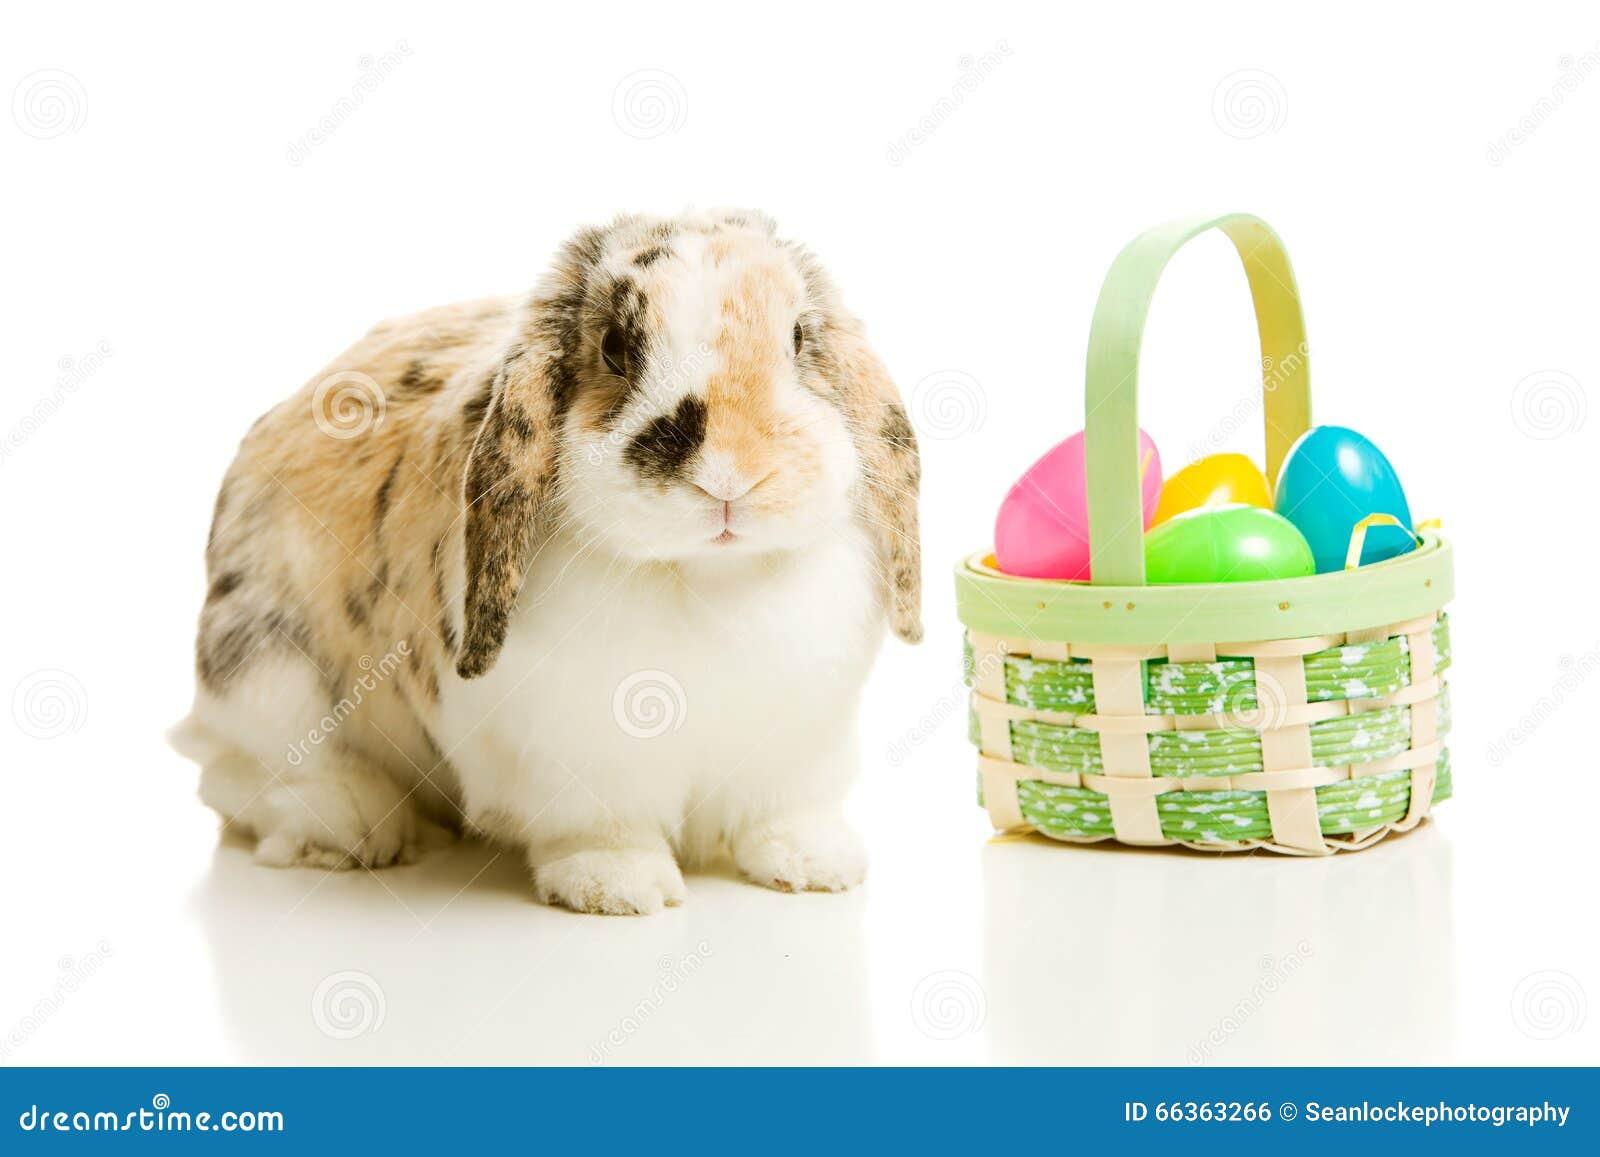 Πάσχα: Λαγουδάκι στο λευκό με το καλάθι των πλαστικών αυγών